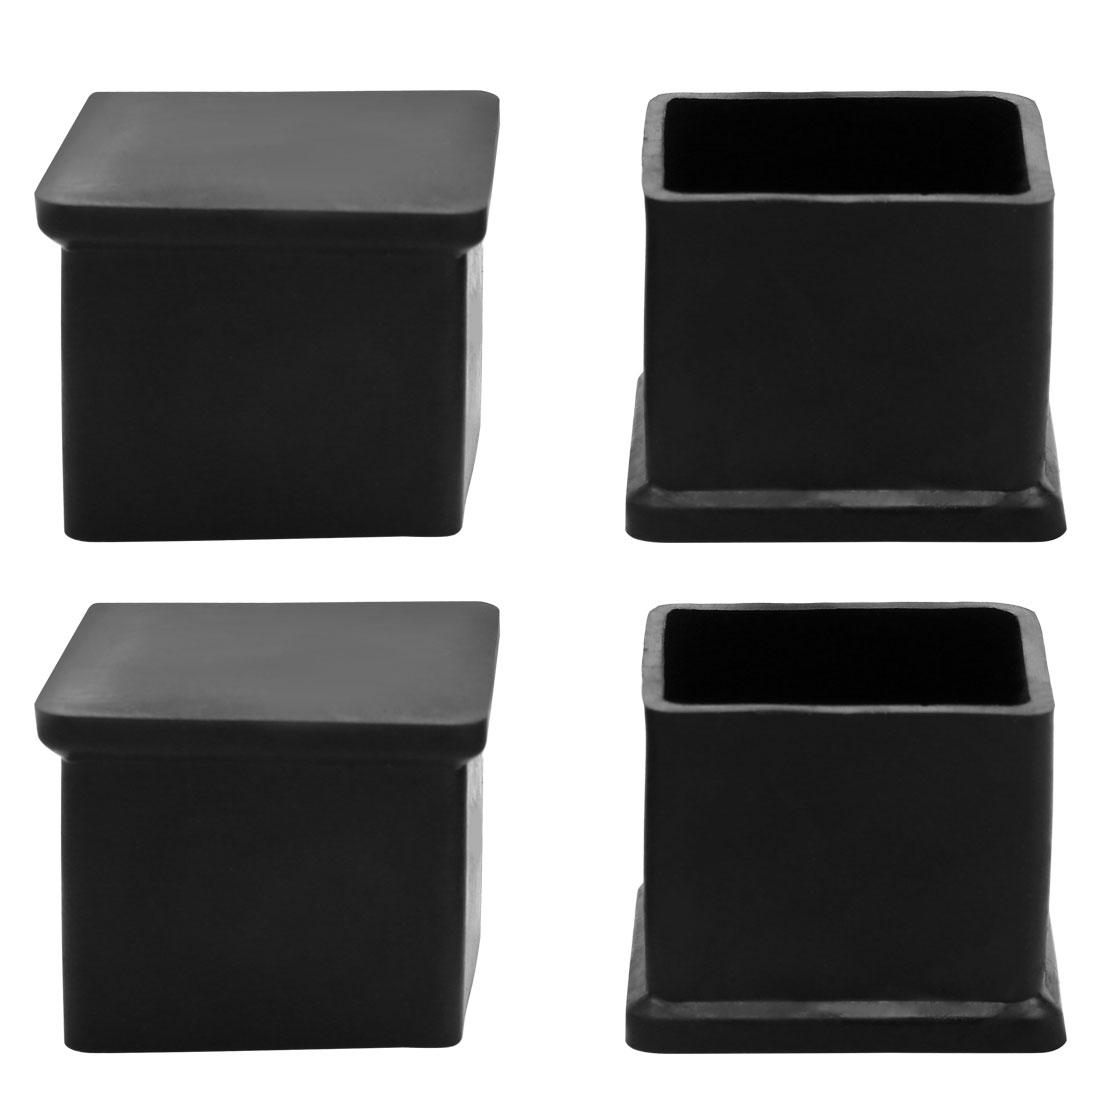 """Chair Leg Caps Furniture Feet Cover Floor Protector 4pcs 0.79""""x0.79""""(20x20mm)"""